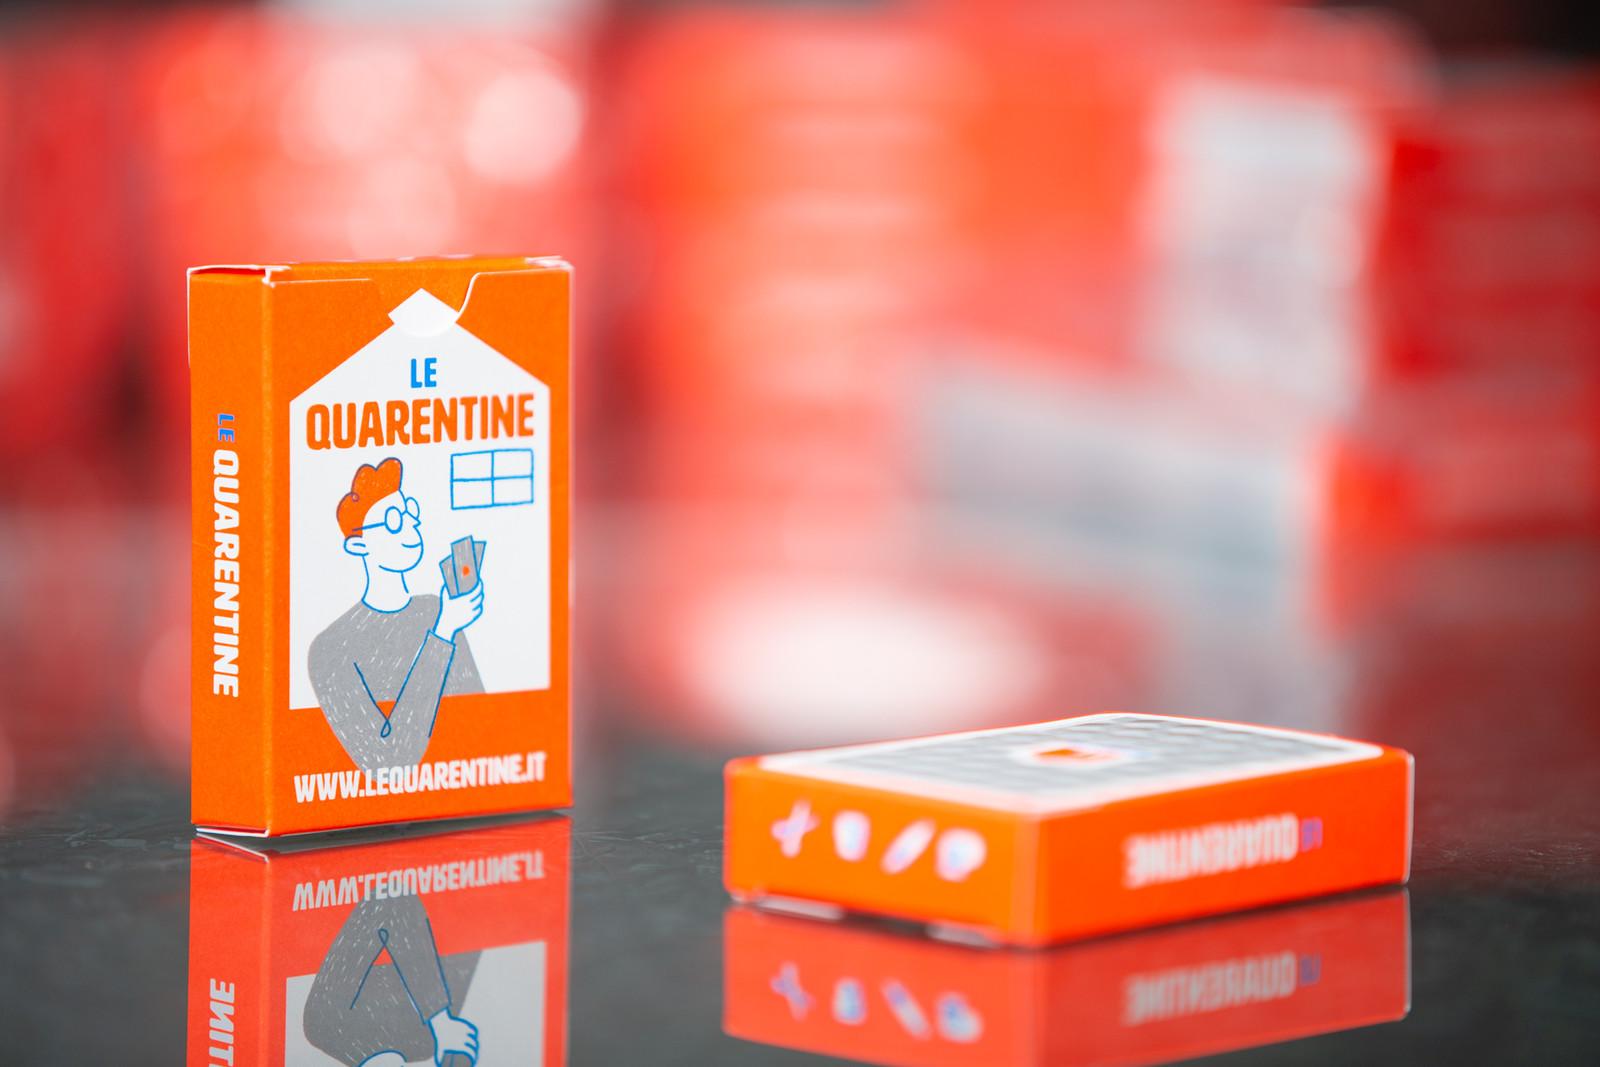 LeQuarentine BoutiqueCreativa